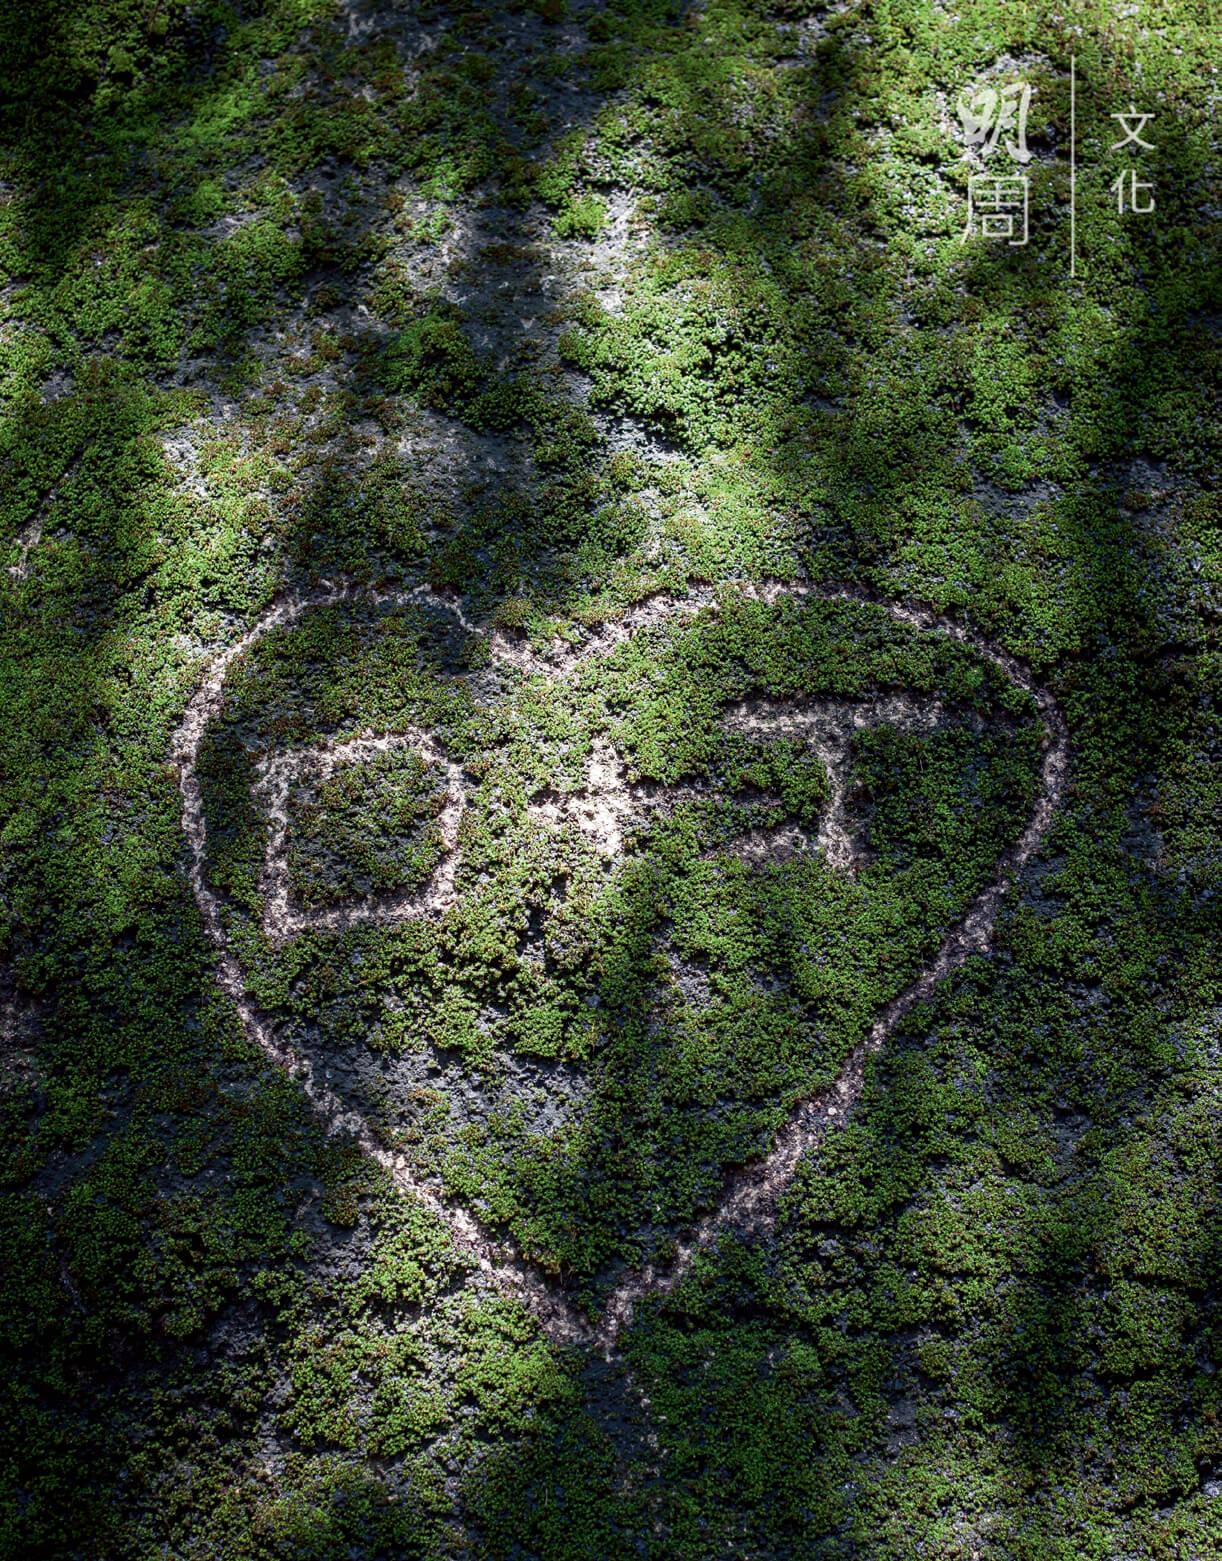 苔蘚滿佈岩石上,被人留下愛情印記。